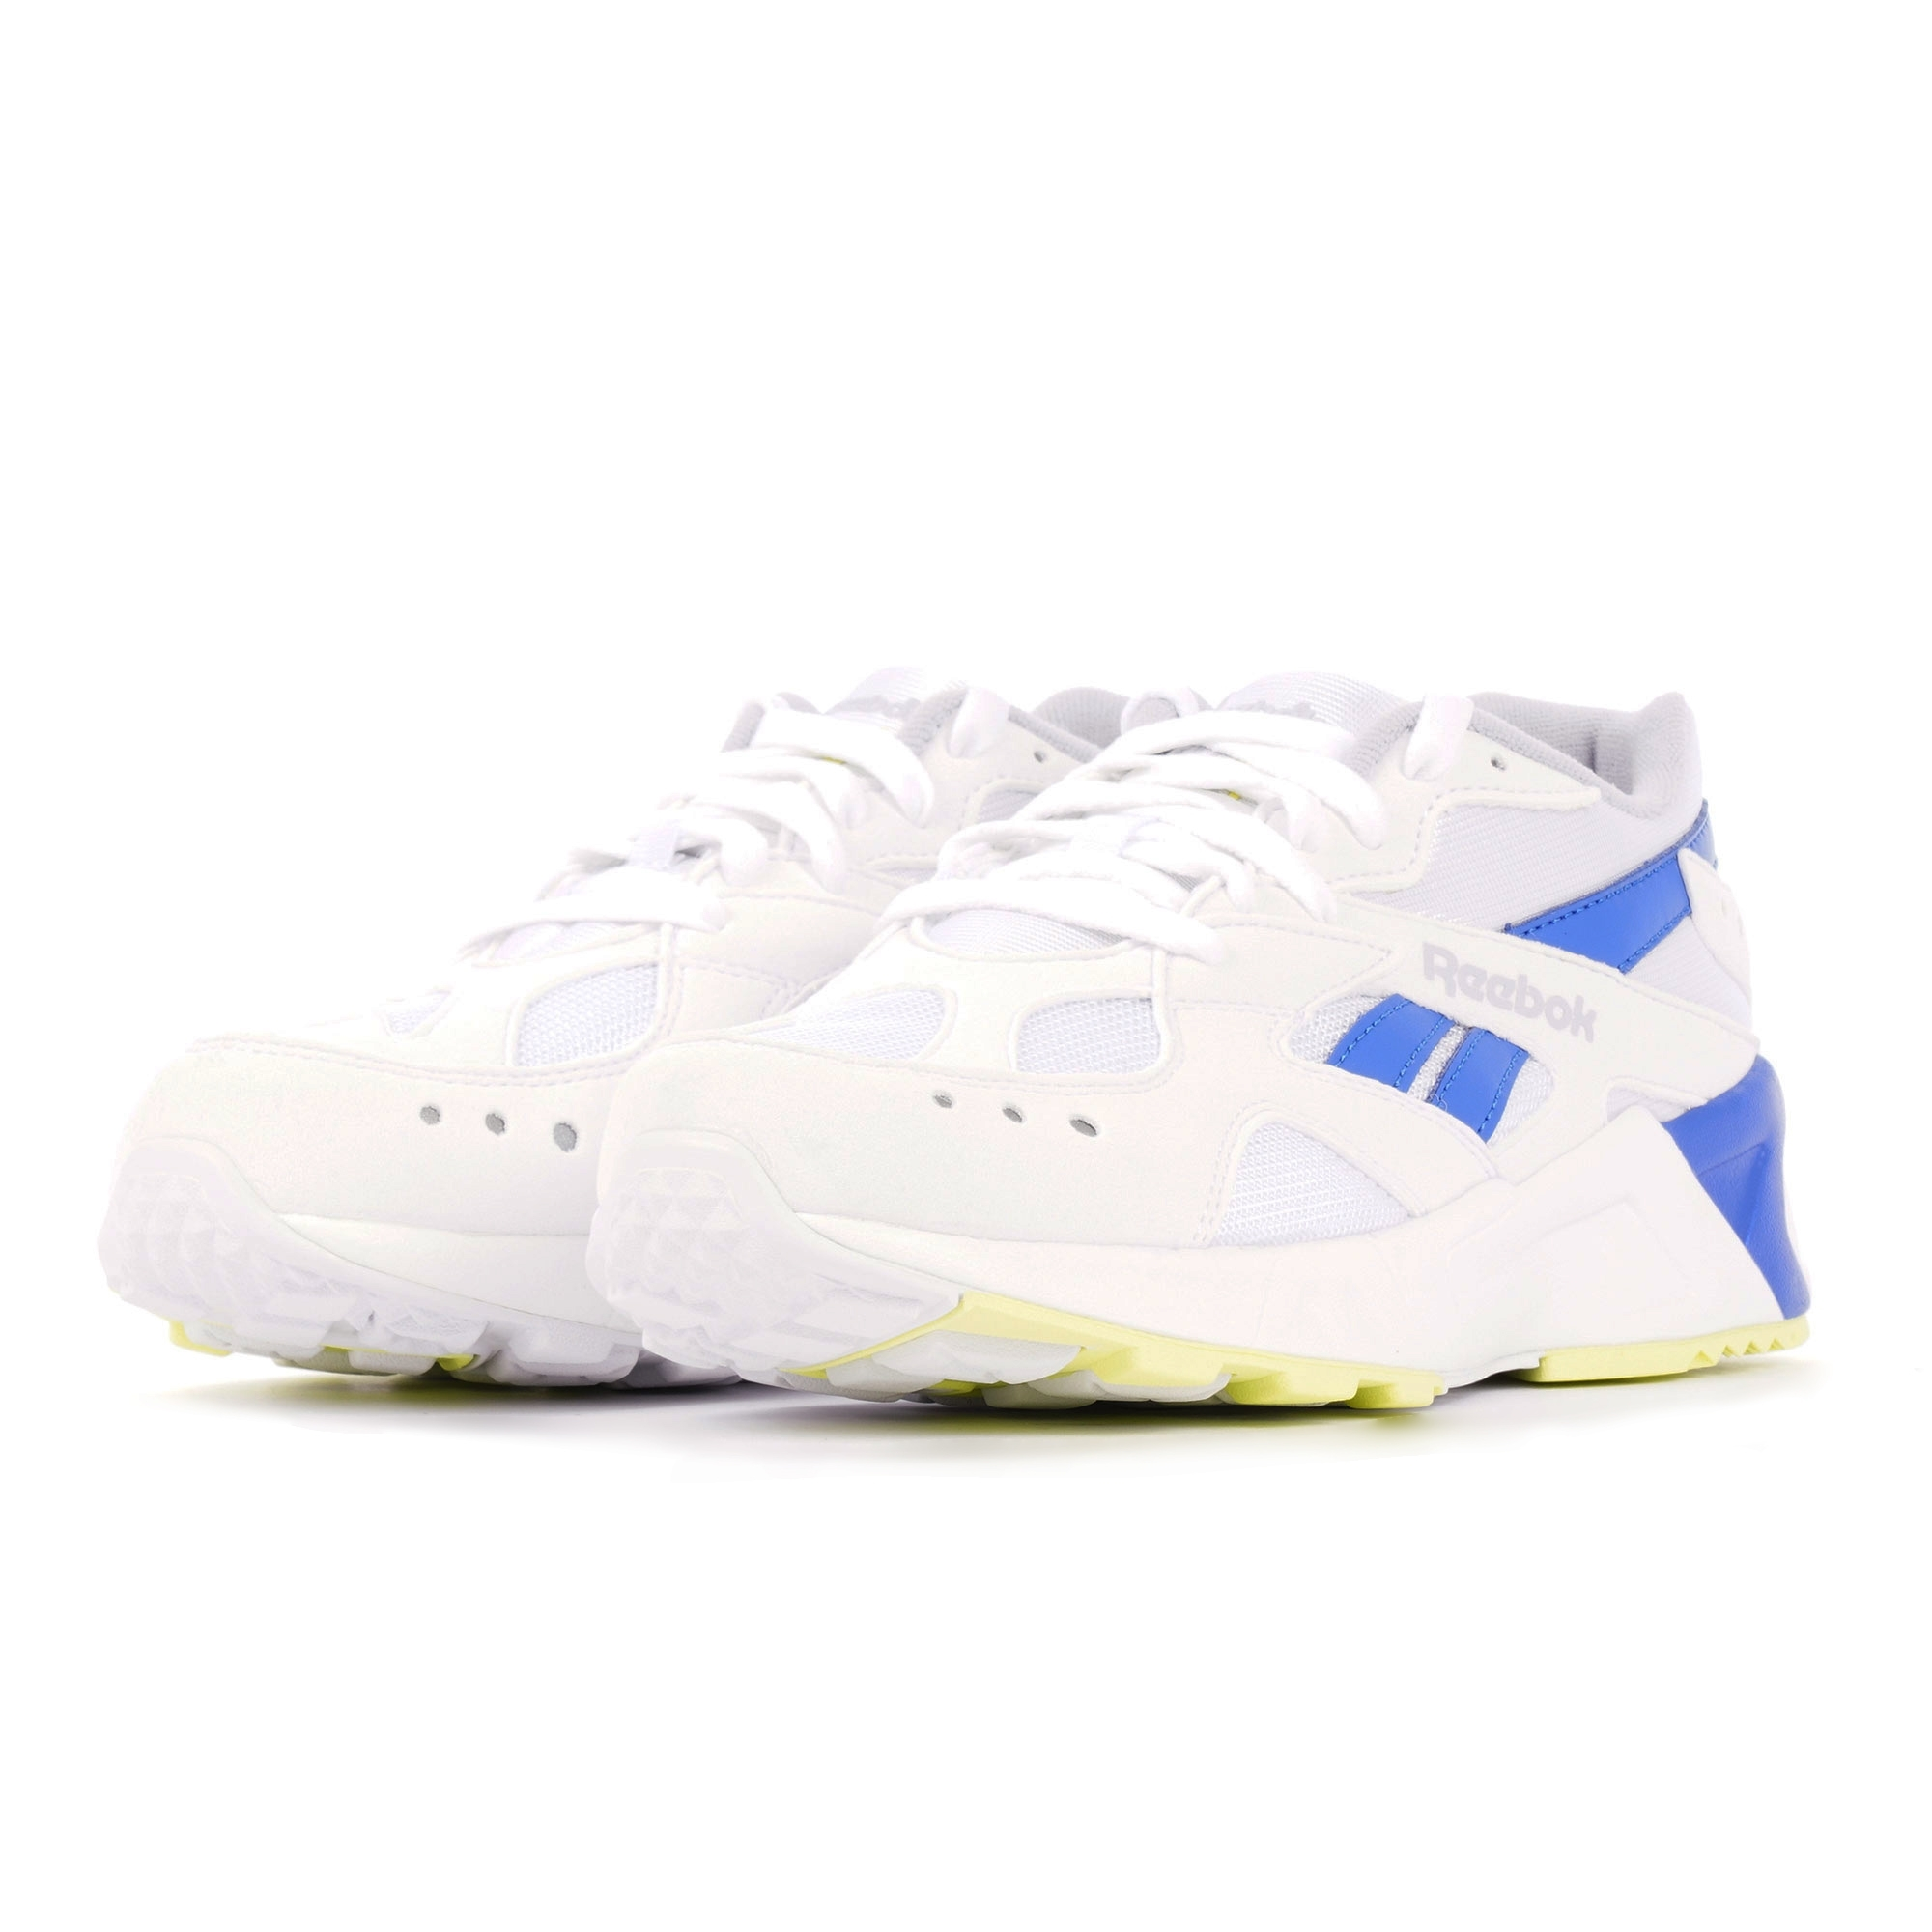 Reebok Aztrek   White \u0026 Cobalt   US